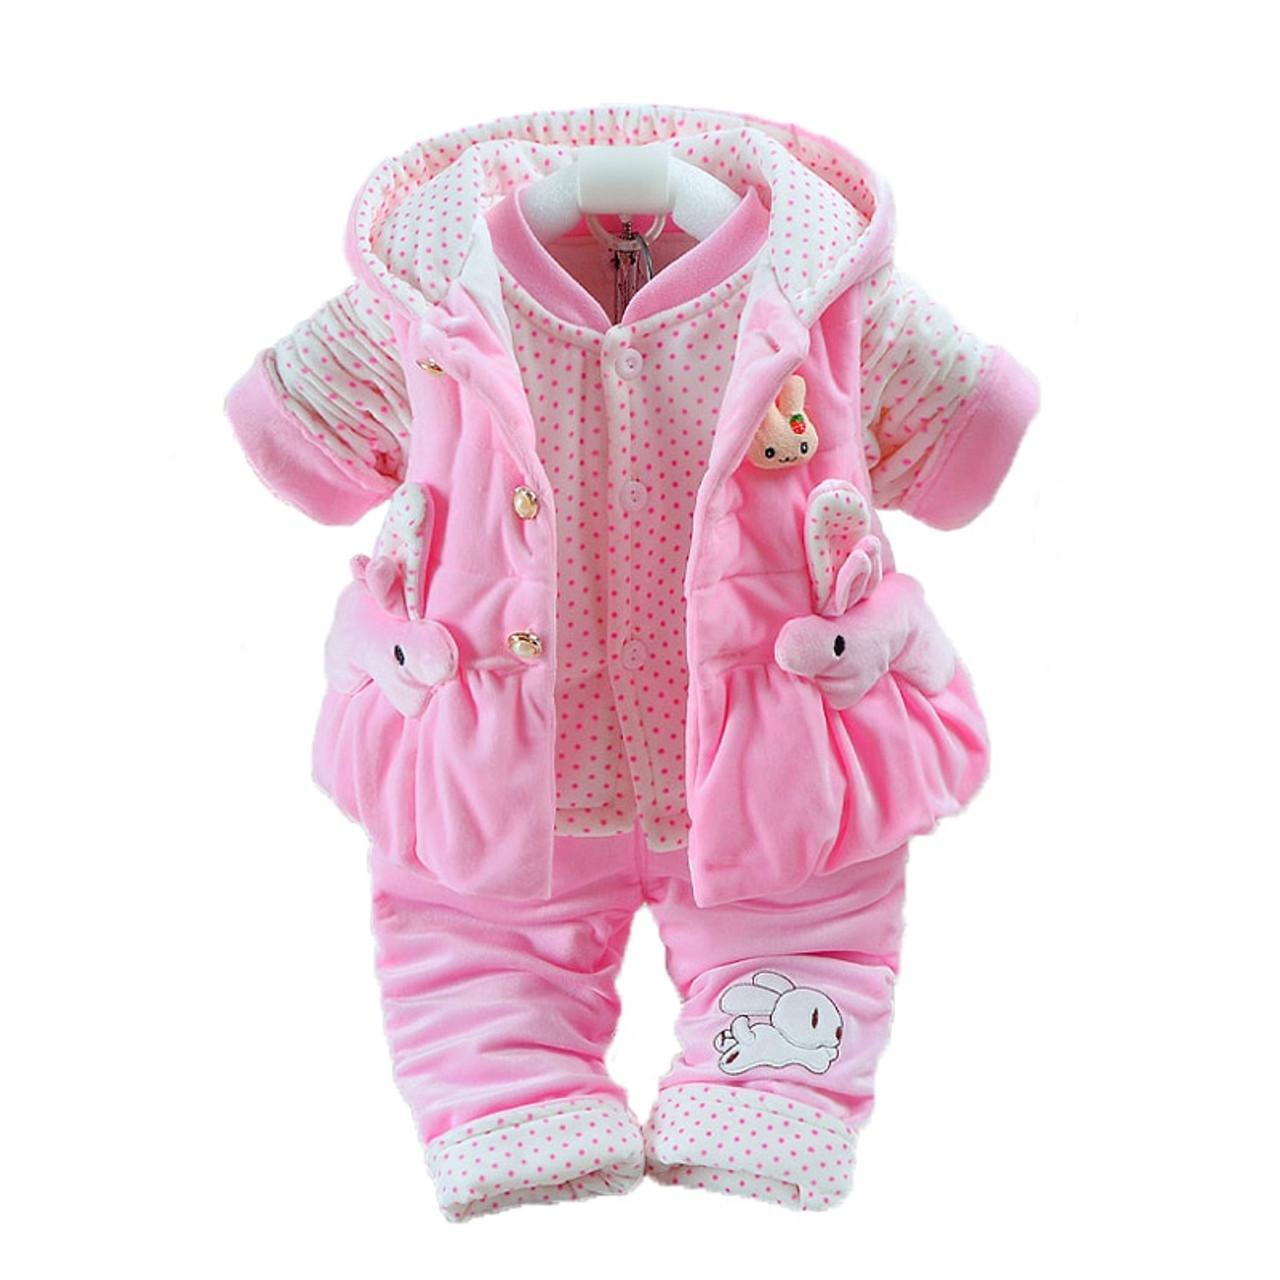 5a994753d Newborn Flannel Clothes Baby Boys Jumpsuit Girls Thicken Warm ...